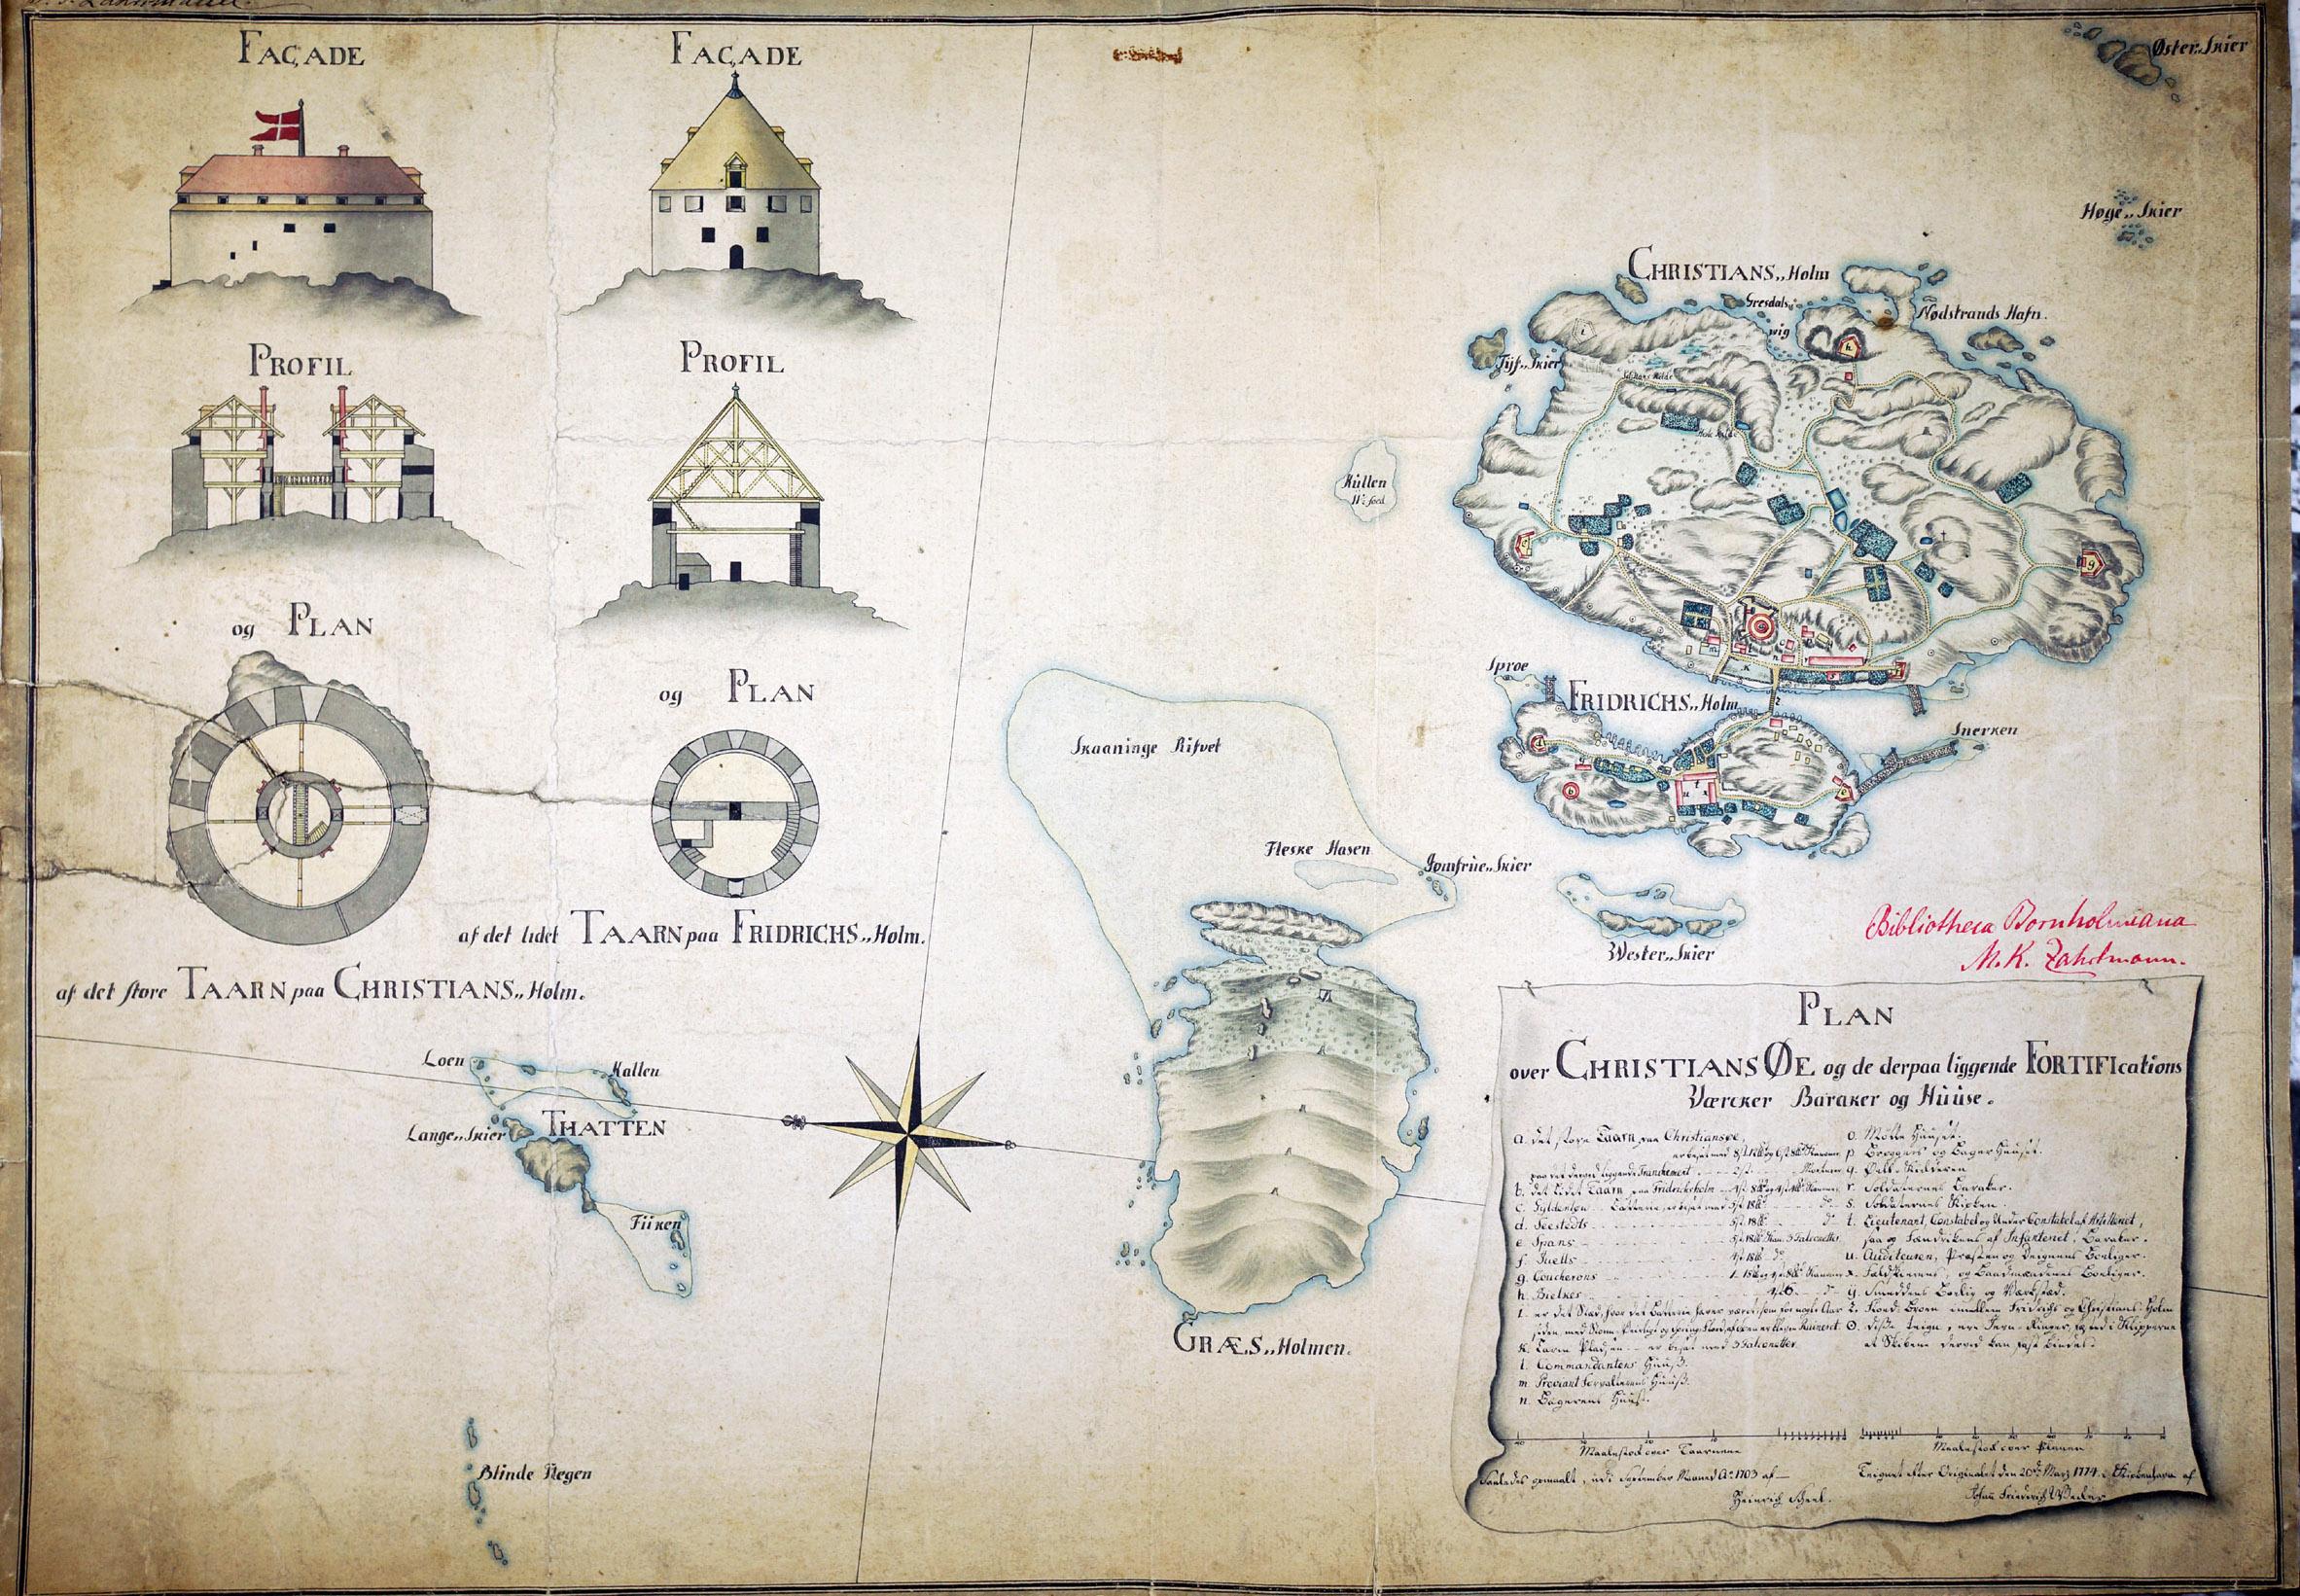 Scheels kort over Christiansø, 1703. Original i M.K.Zahrtmanns arkiv på Bornholms Ø-arkiv